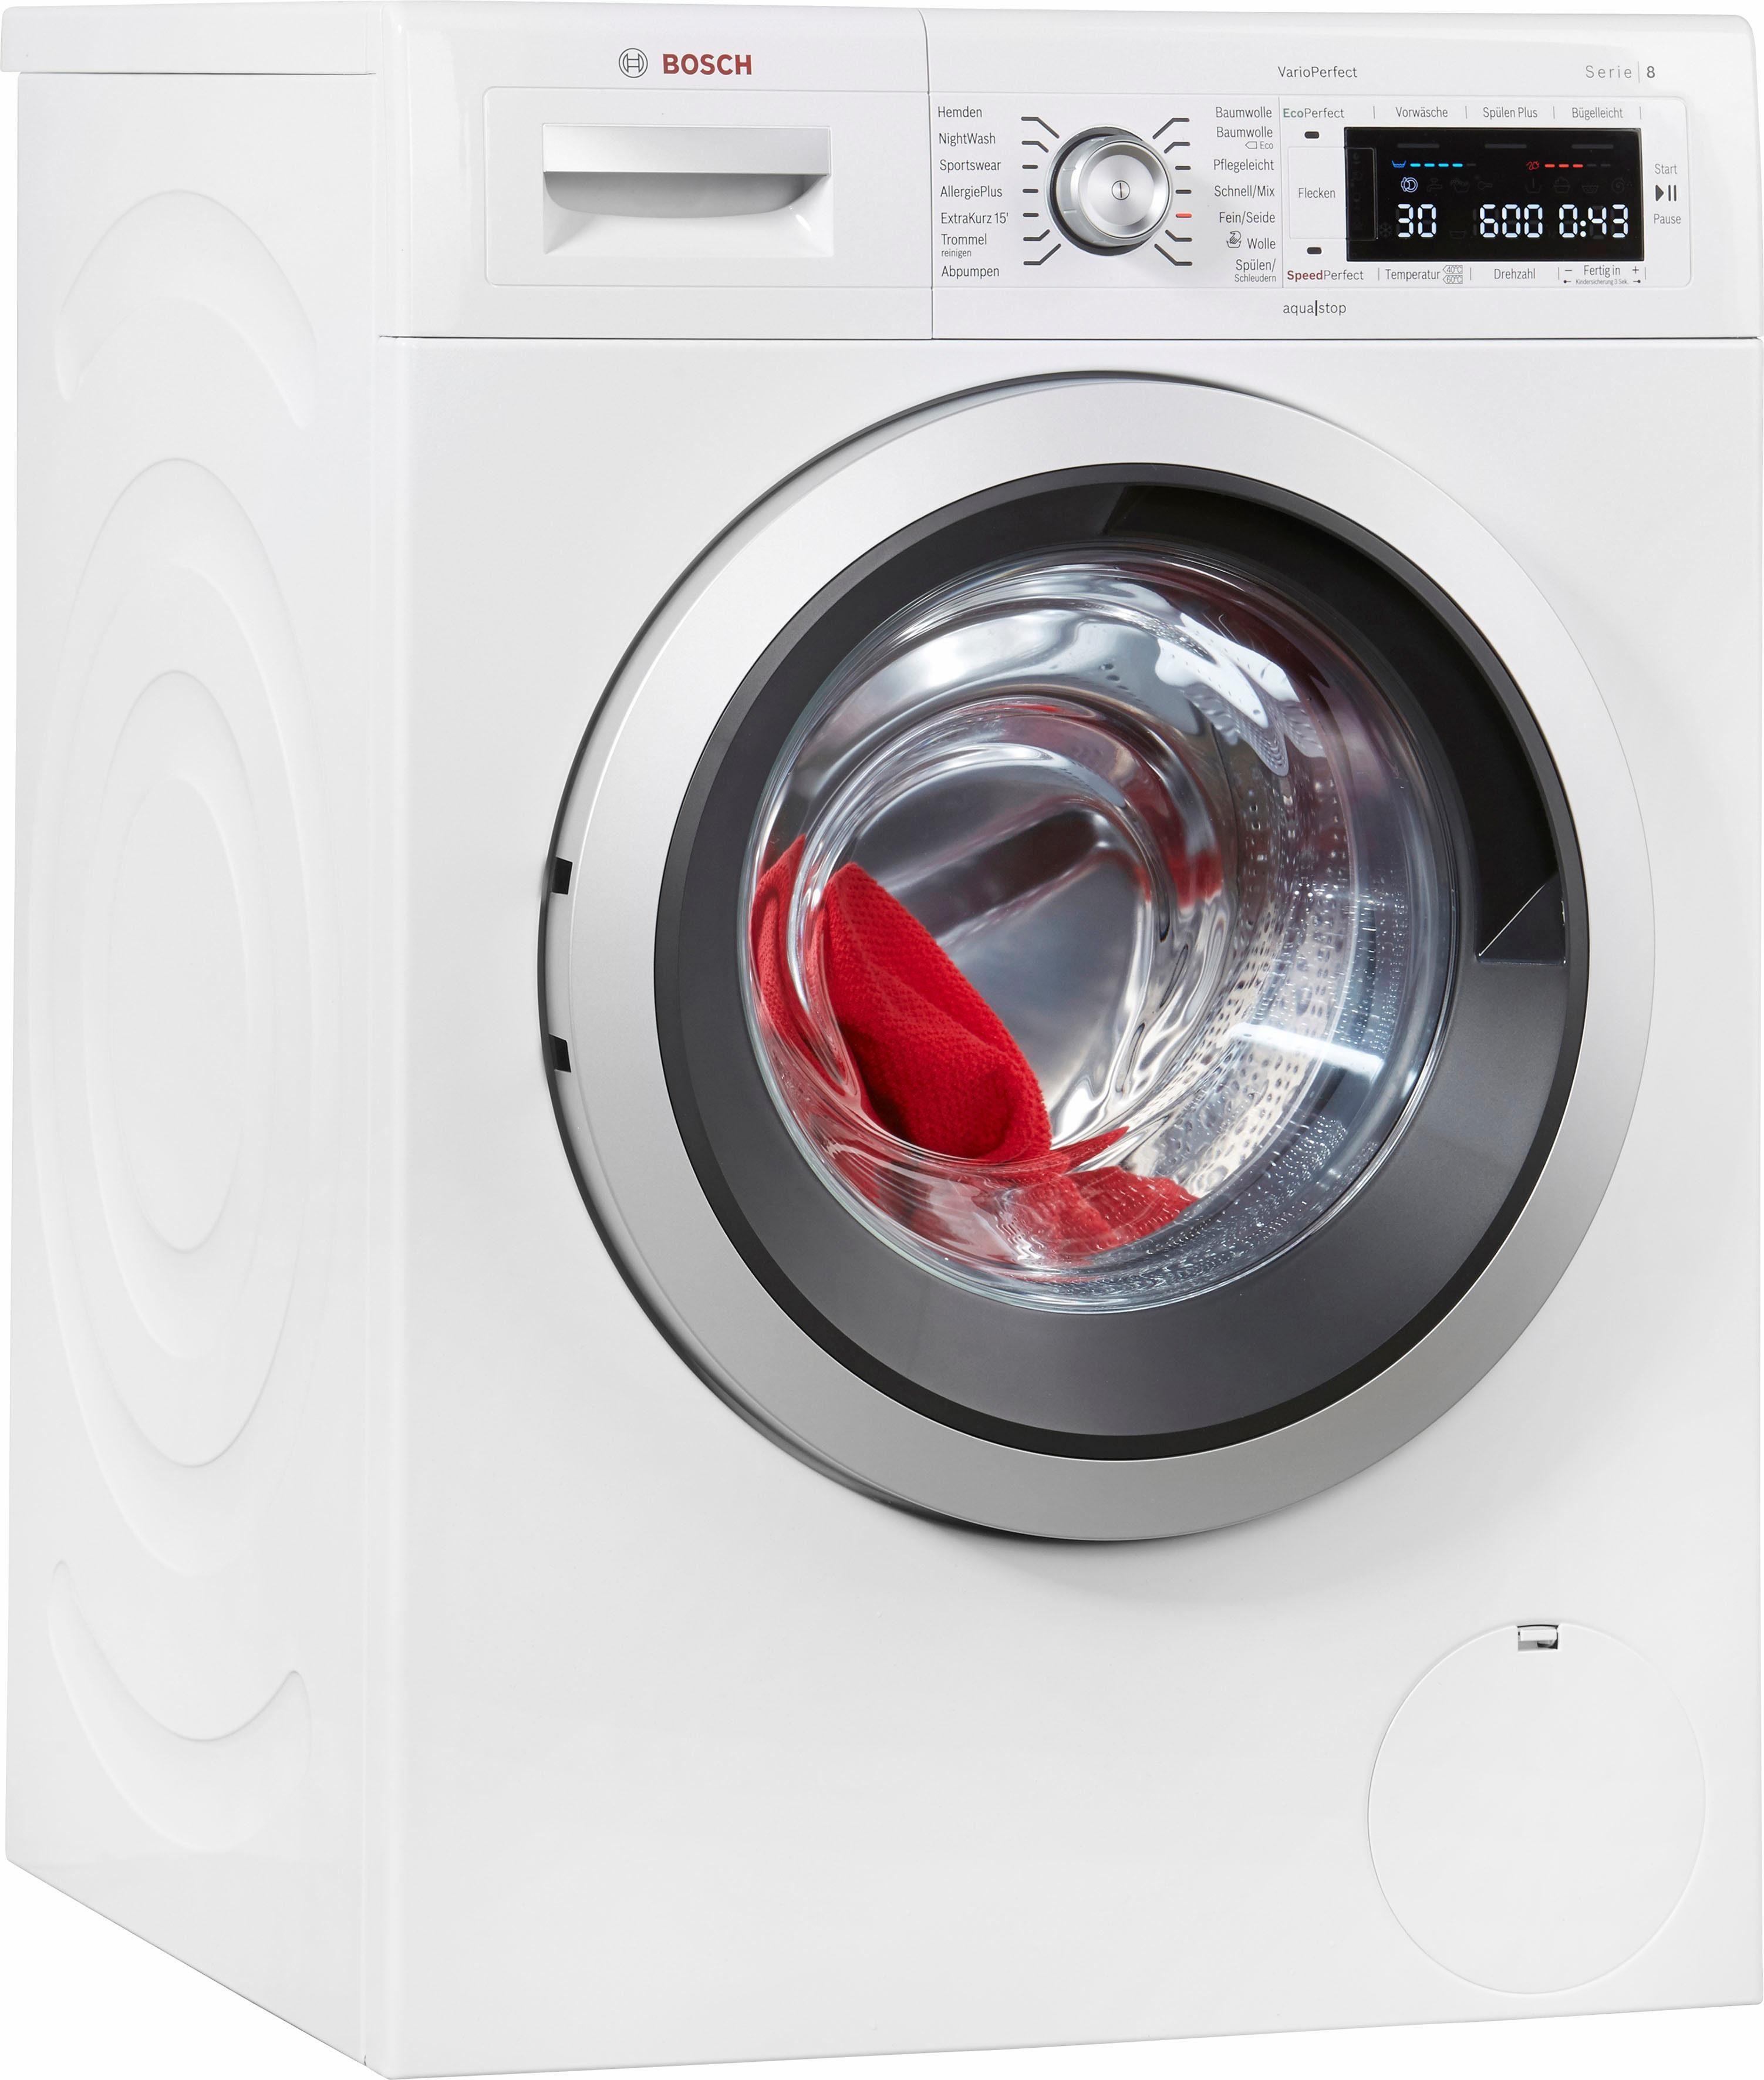 Bosch Waschmaschine Serie 8 Waw32541 8 Kg 1600 U Min Online